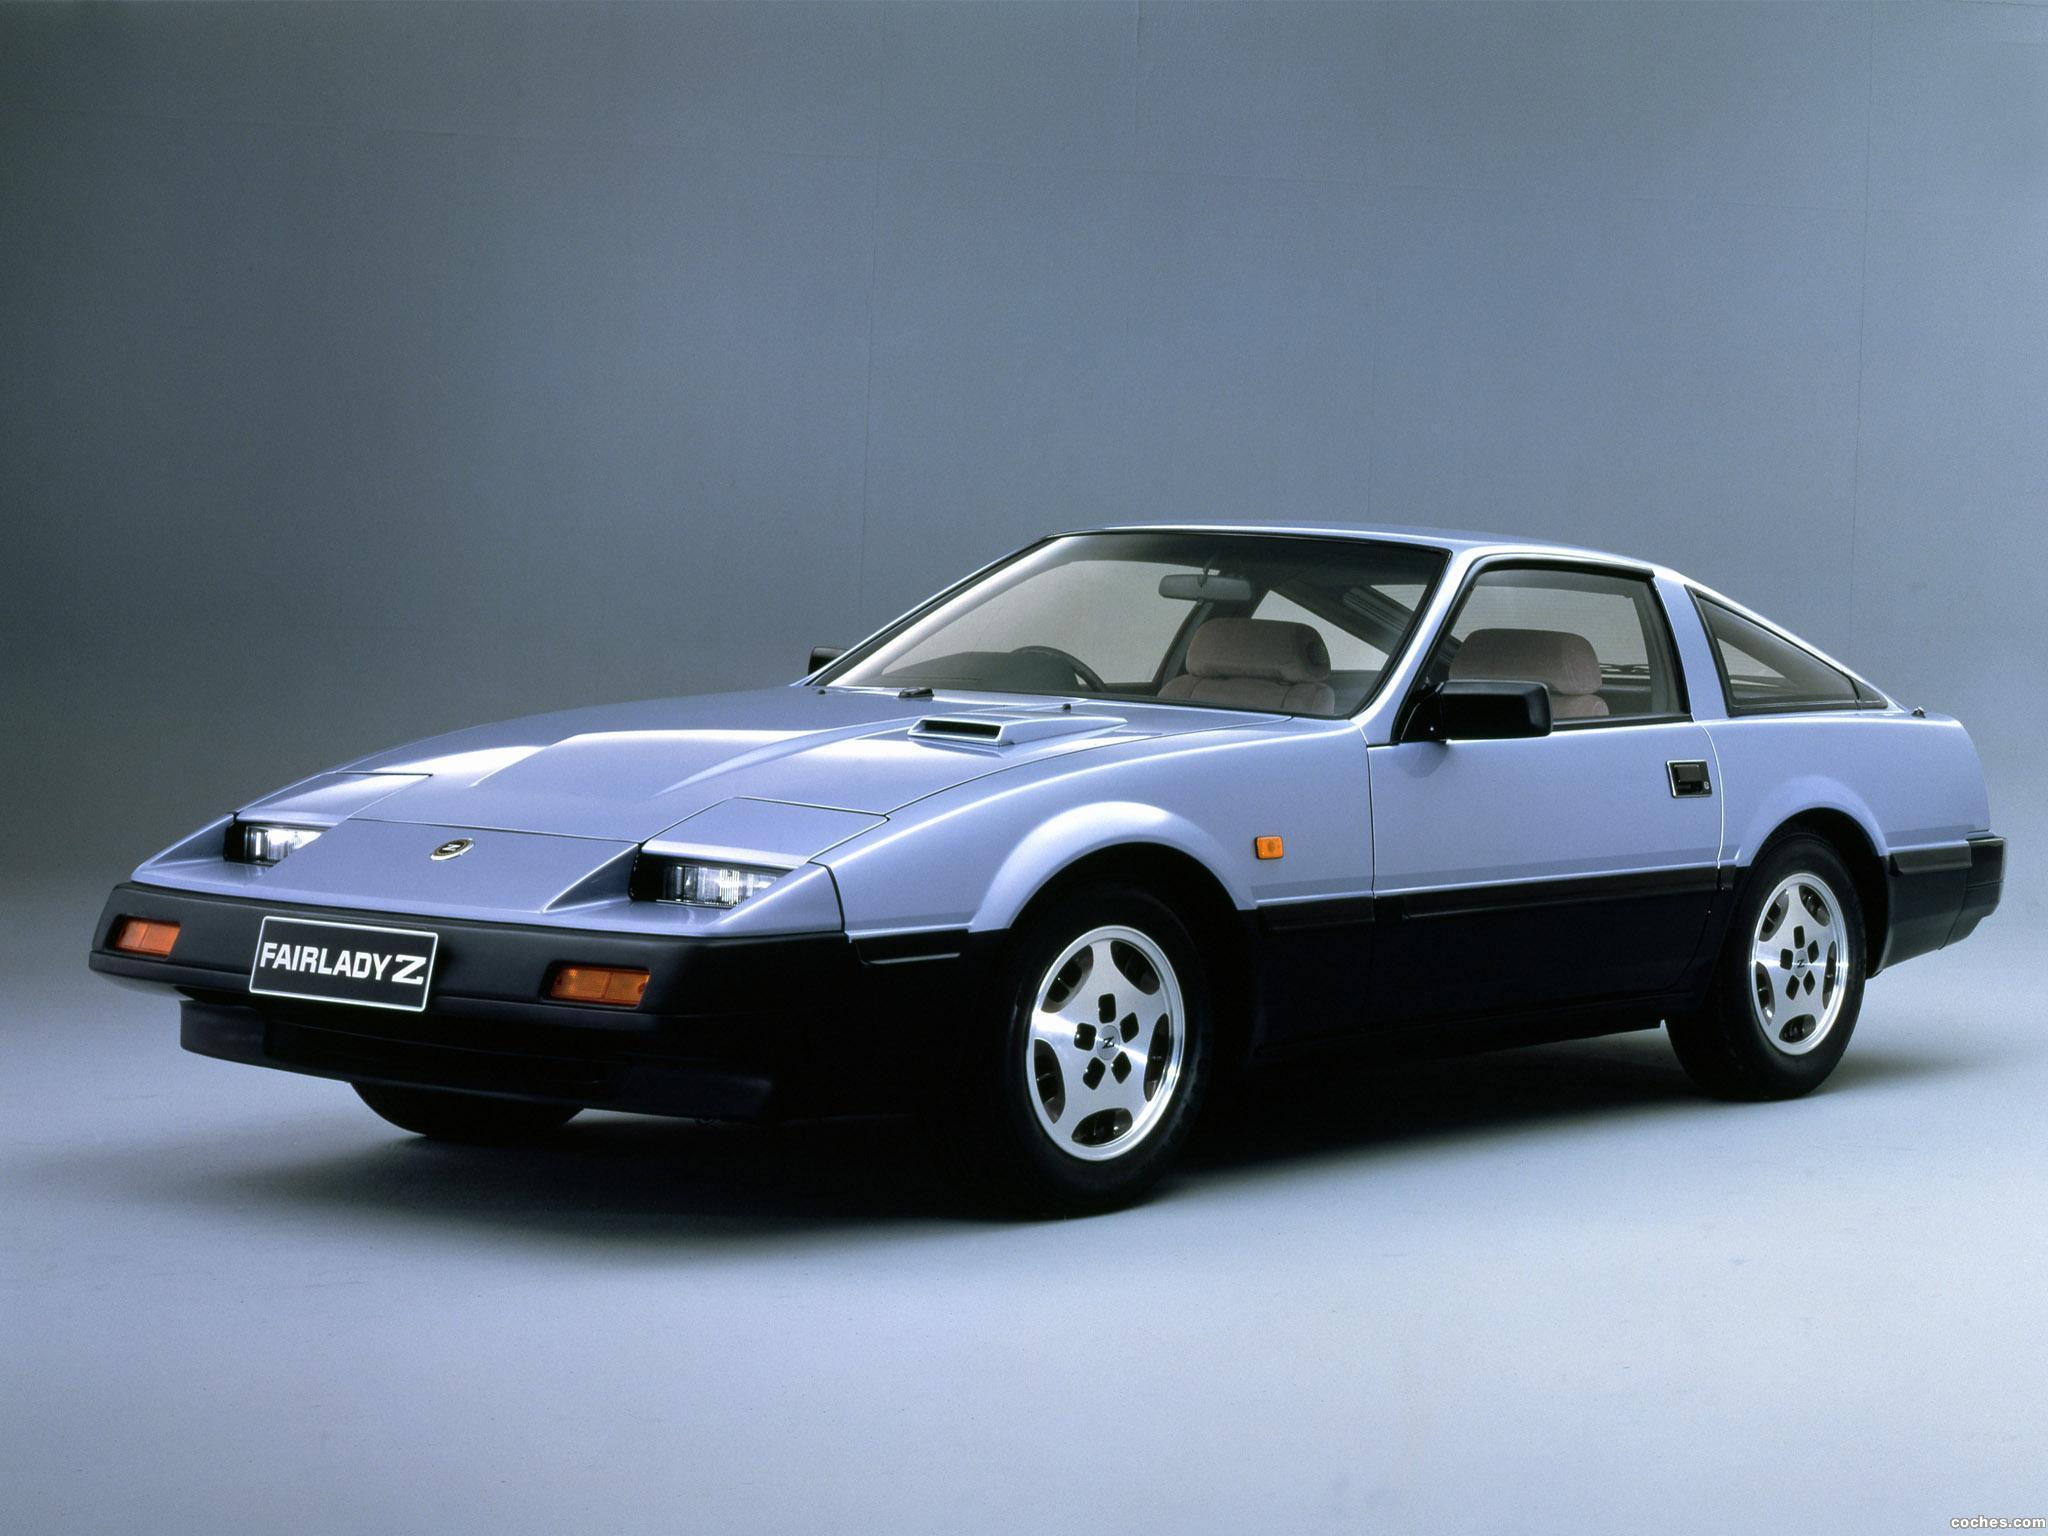 Foto 0 de Nissan Fairlady z Z31 1983